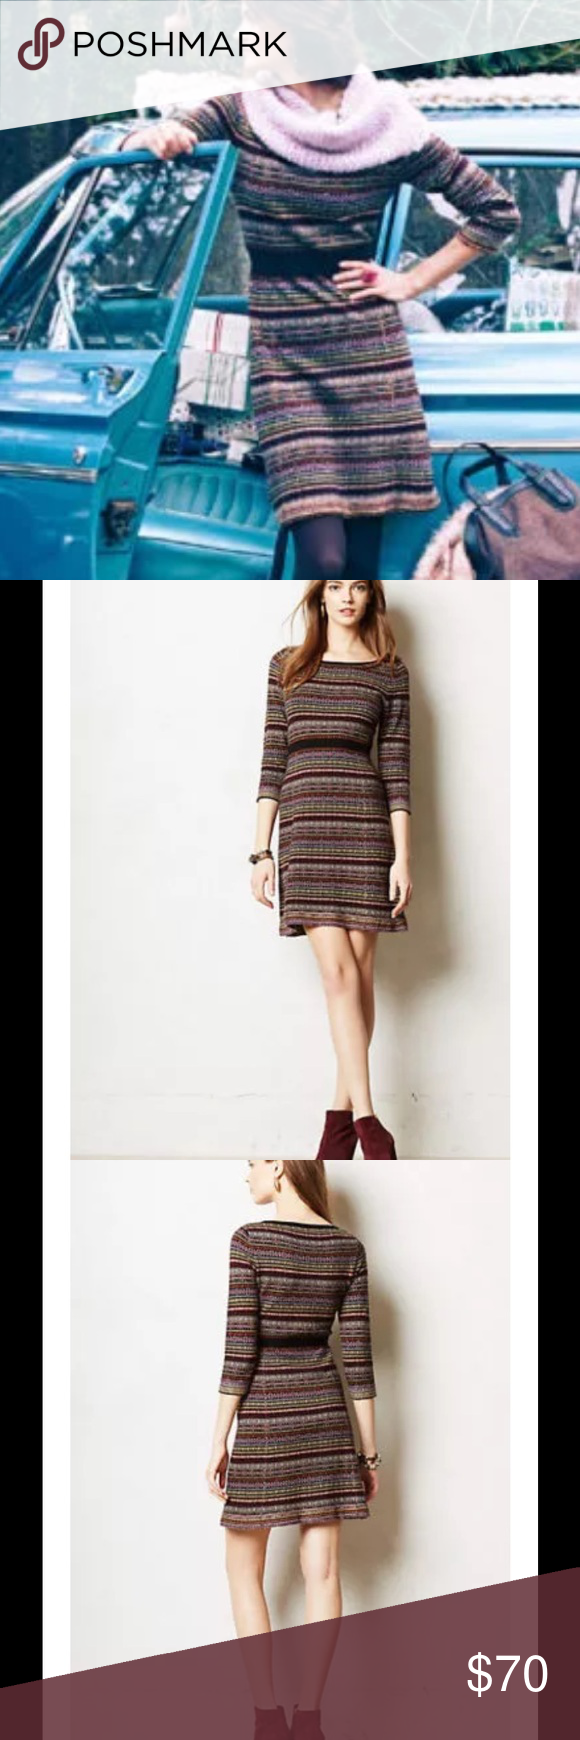 89a301e5b06 Anthropologie Clara Fair Isle Sweater Dress  168 Anthropologie Sparrow  Clara Fair Isle Sweater Dress Sz L